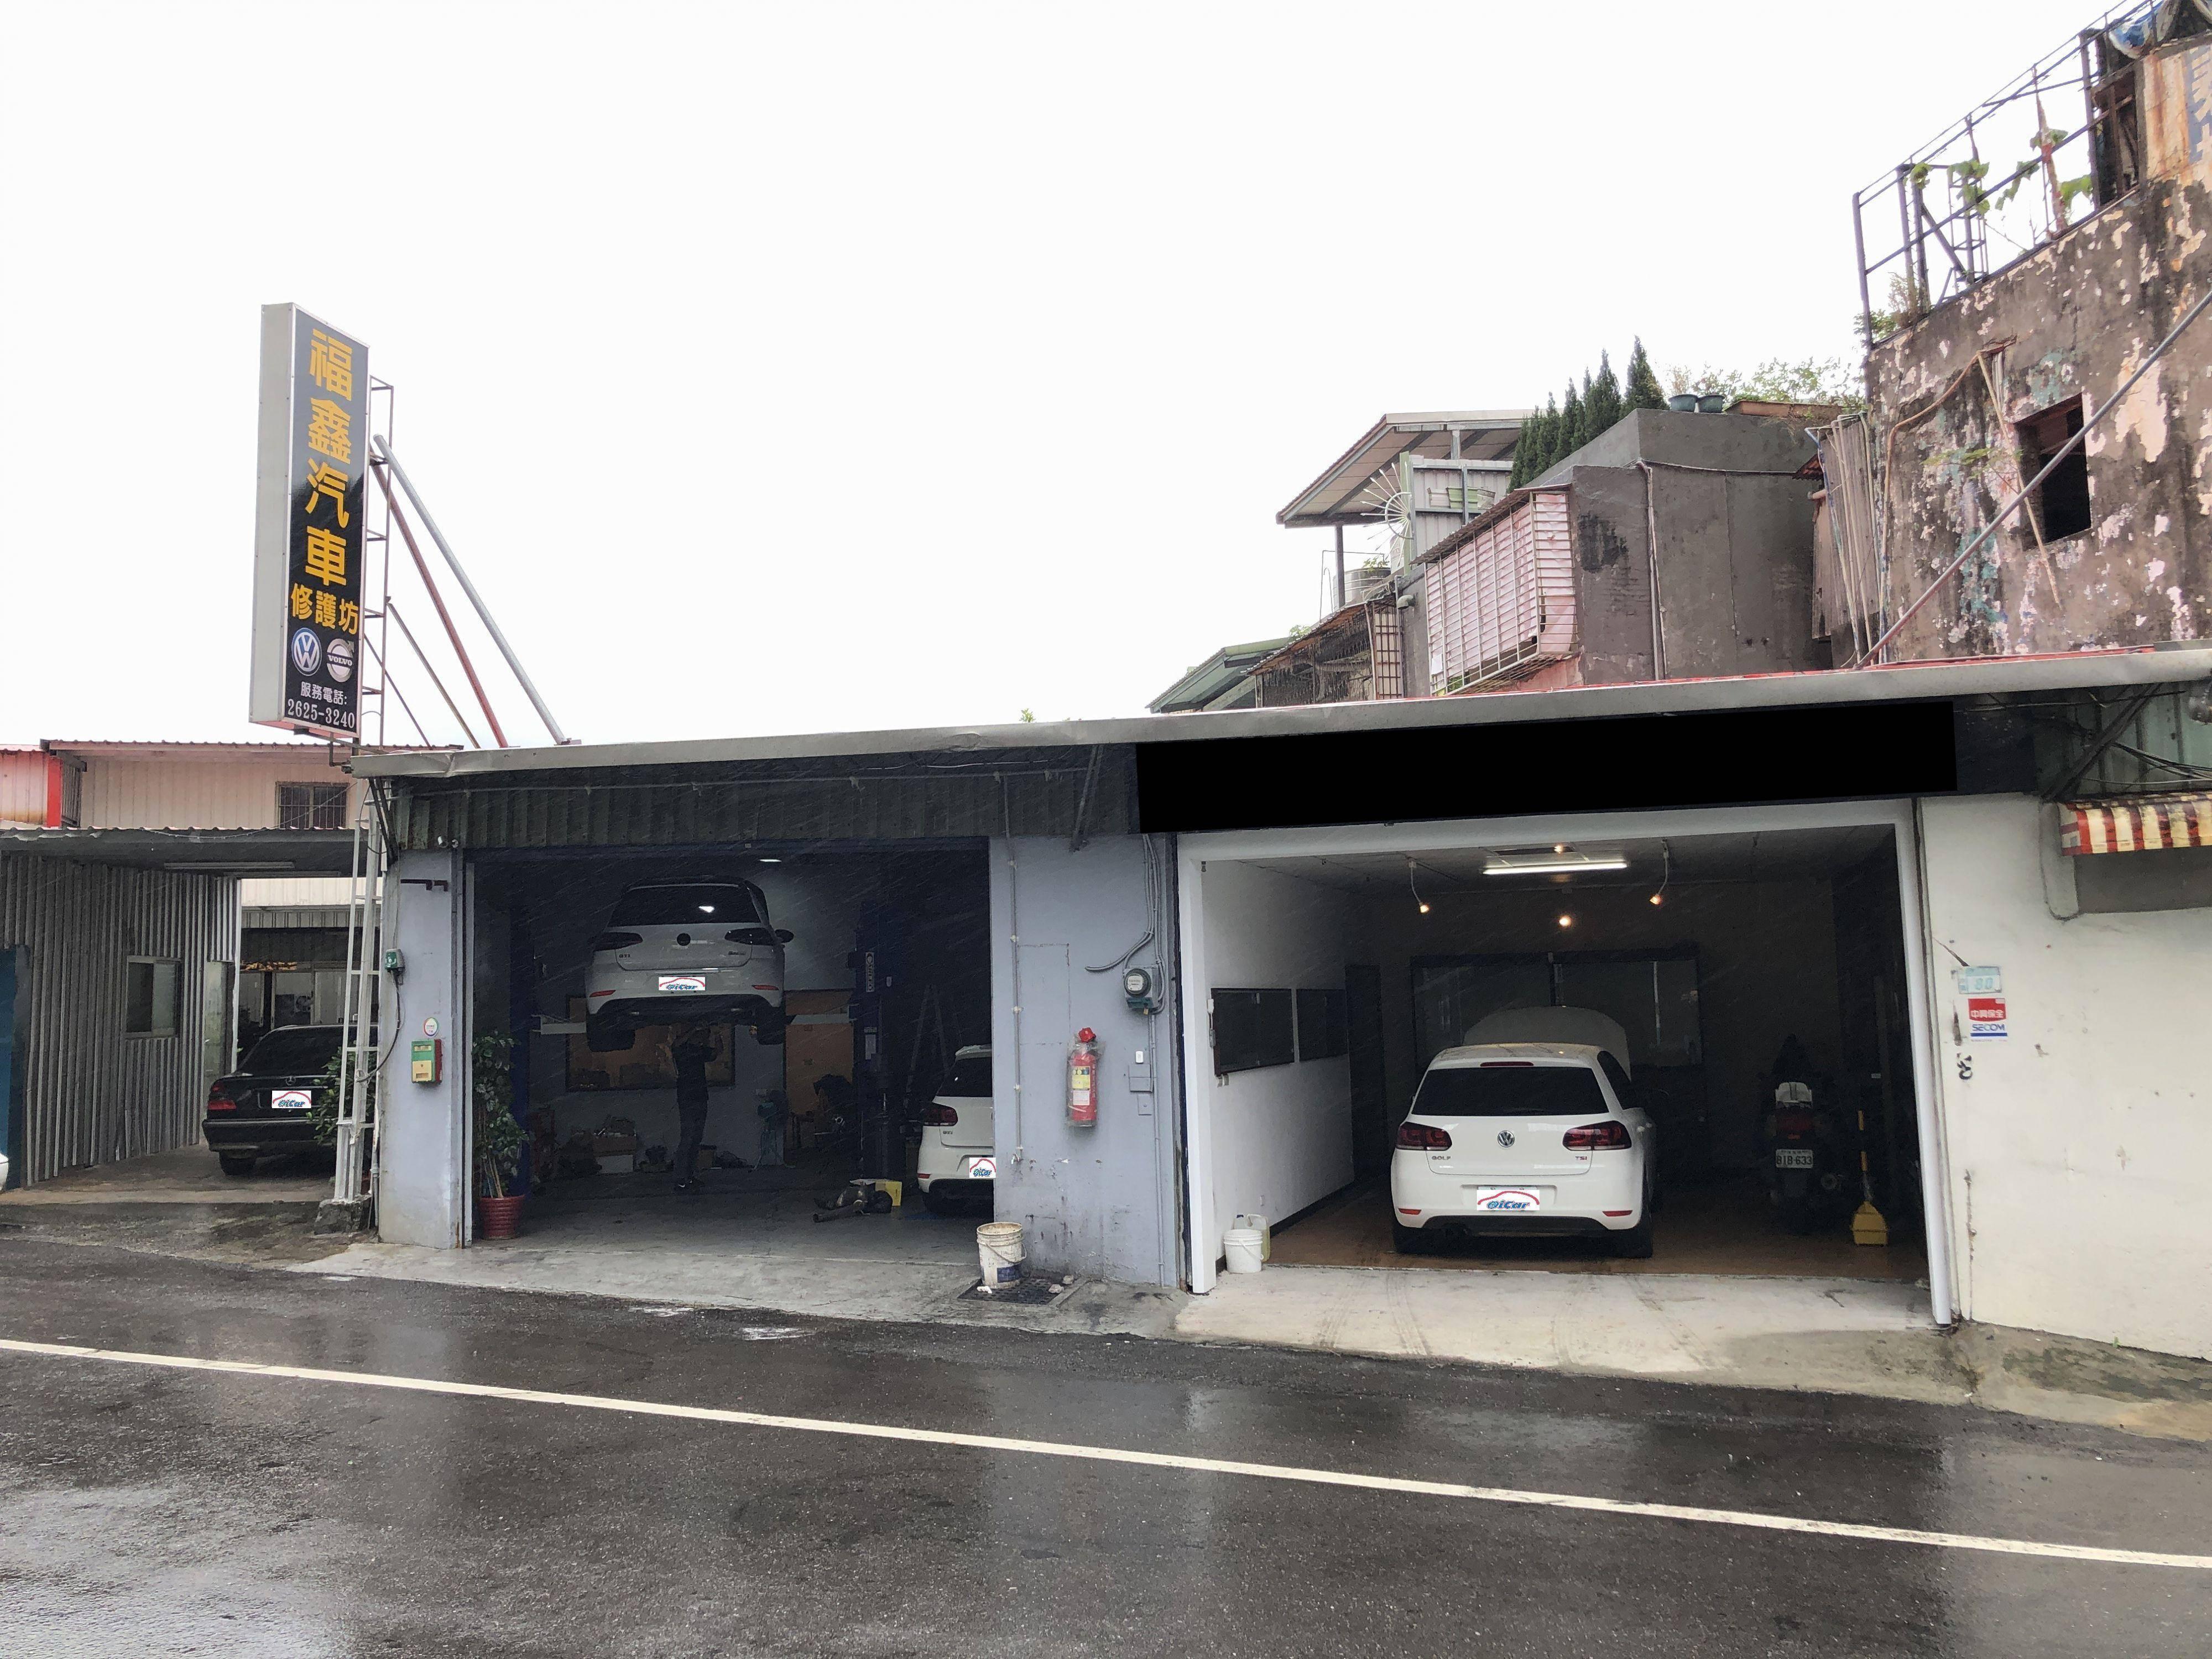 福鑫汽車距離捷運紅樹林站約三分鐘的車程,交通上十分便利。